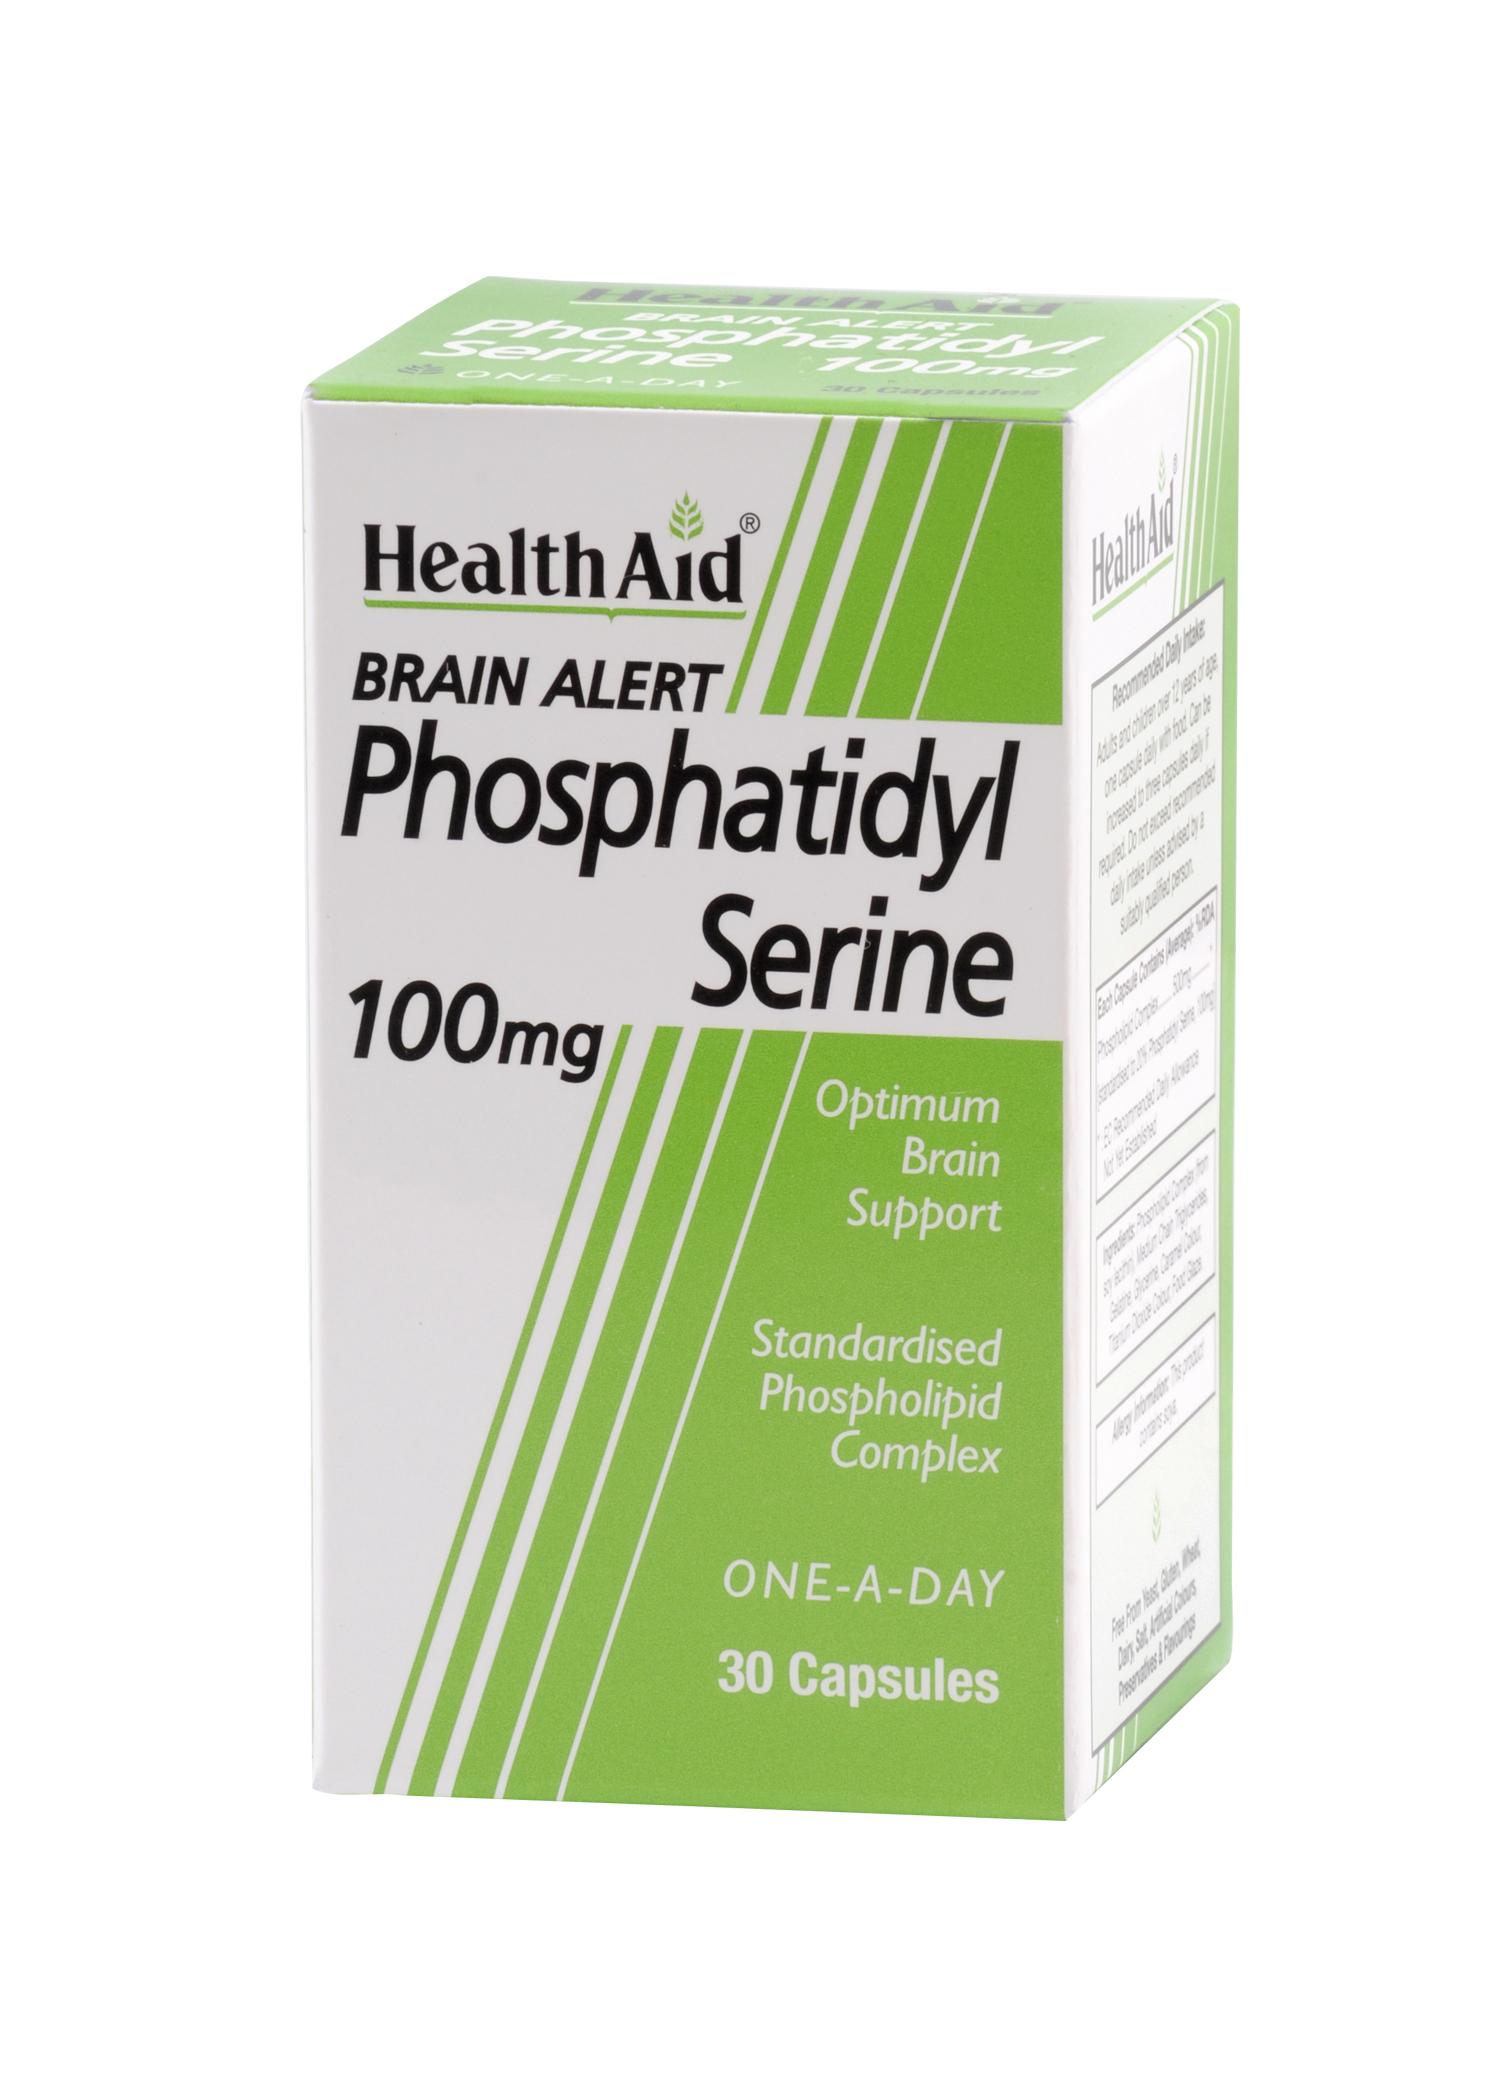 Brain Alert Phosphatidyl Serine 100mg 30's